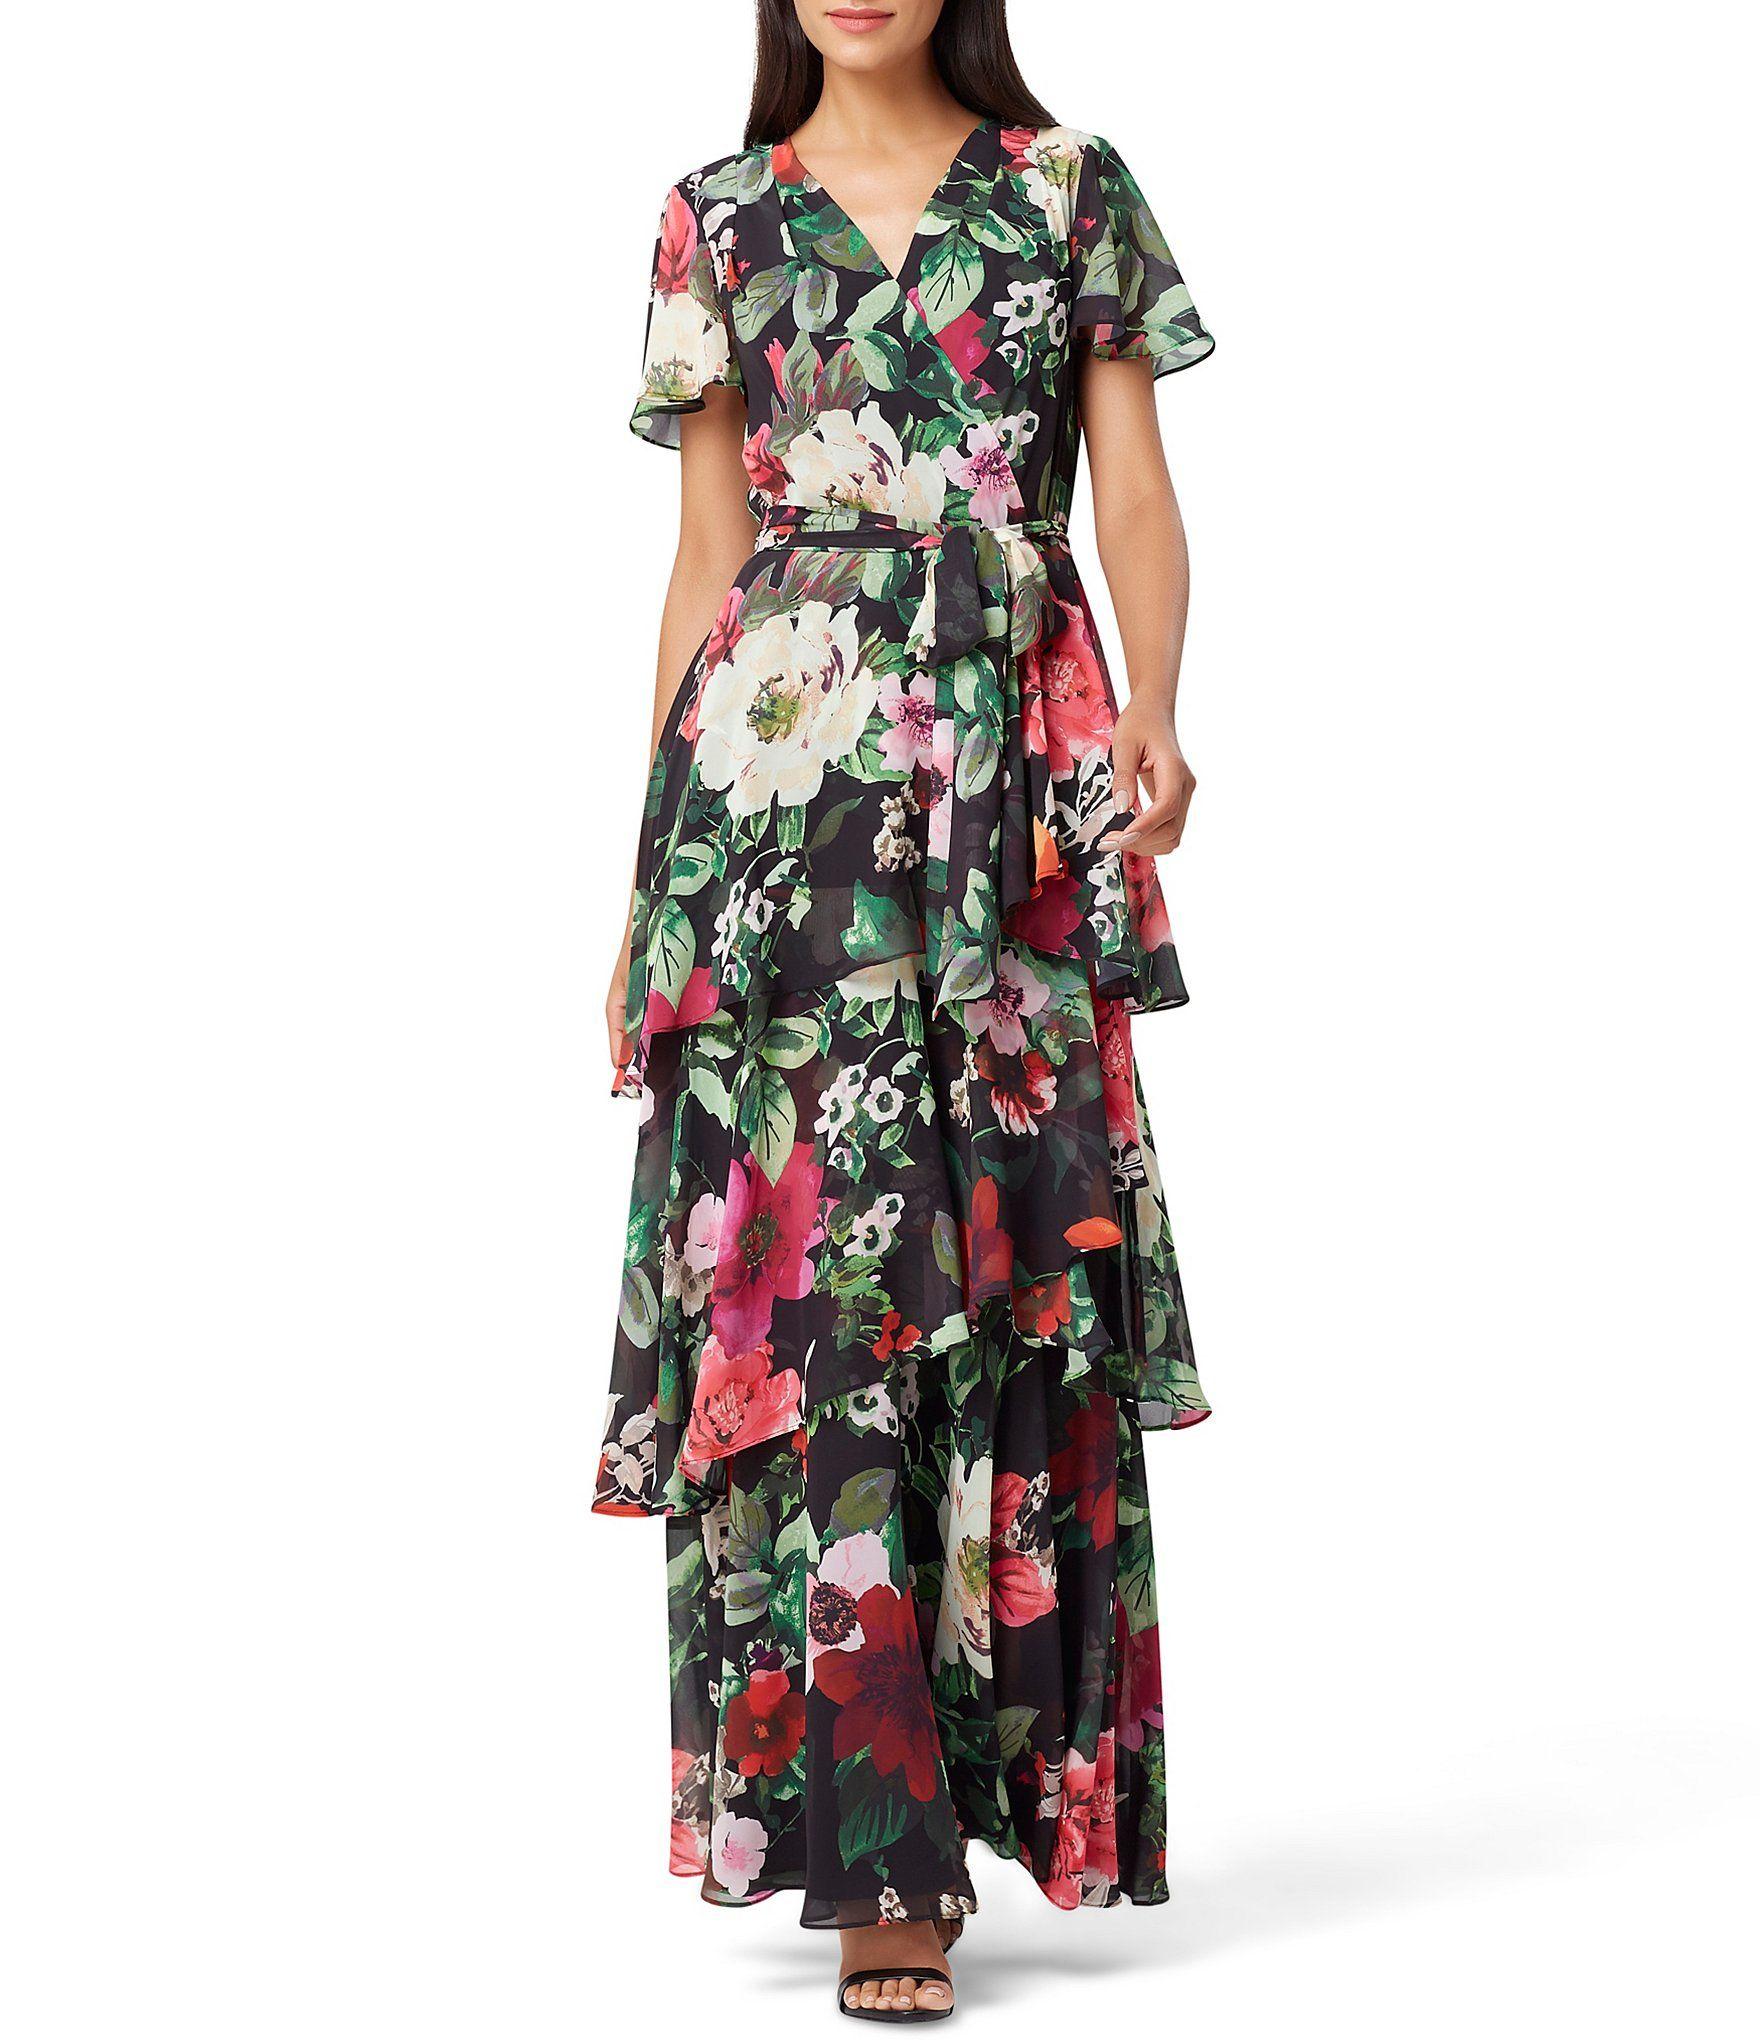 Tahari Asl Floral Print Tie Waist Chiffon Tiered Maxi Dress Dillards Maxi Dress Womens Maxi Dresses Tiered Maxi Dress [ 2040 x 1760 Pixel ]